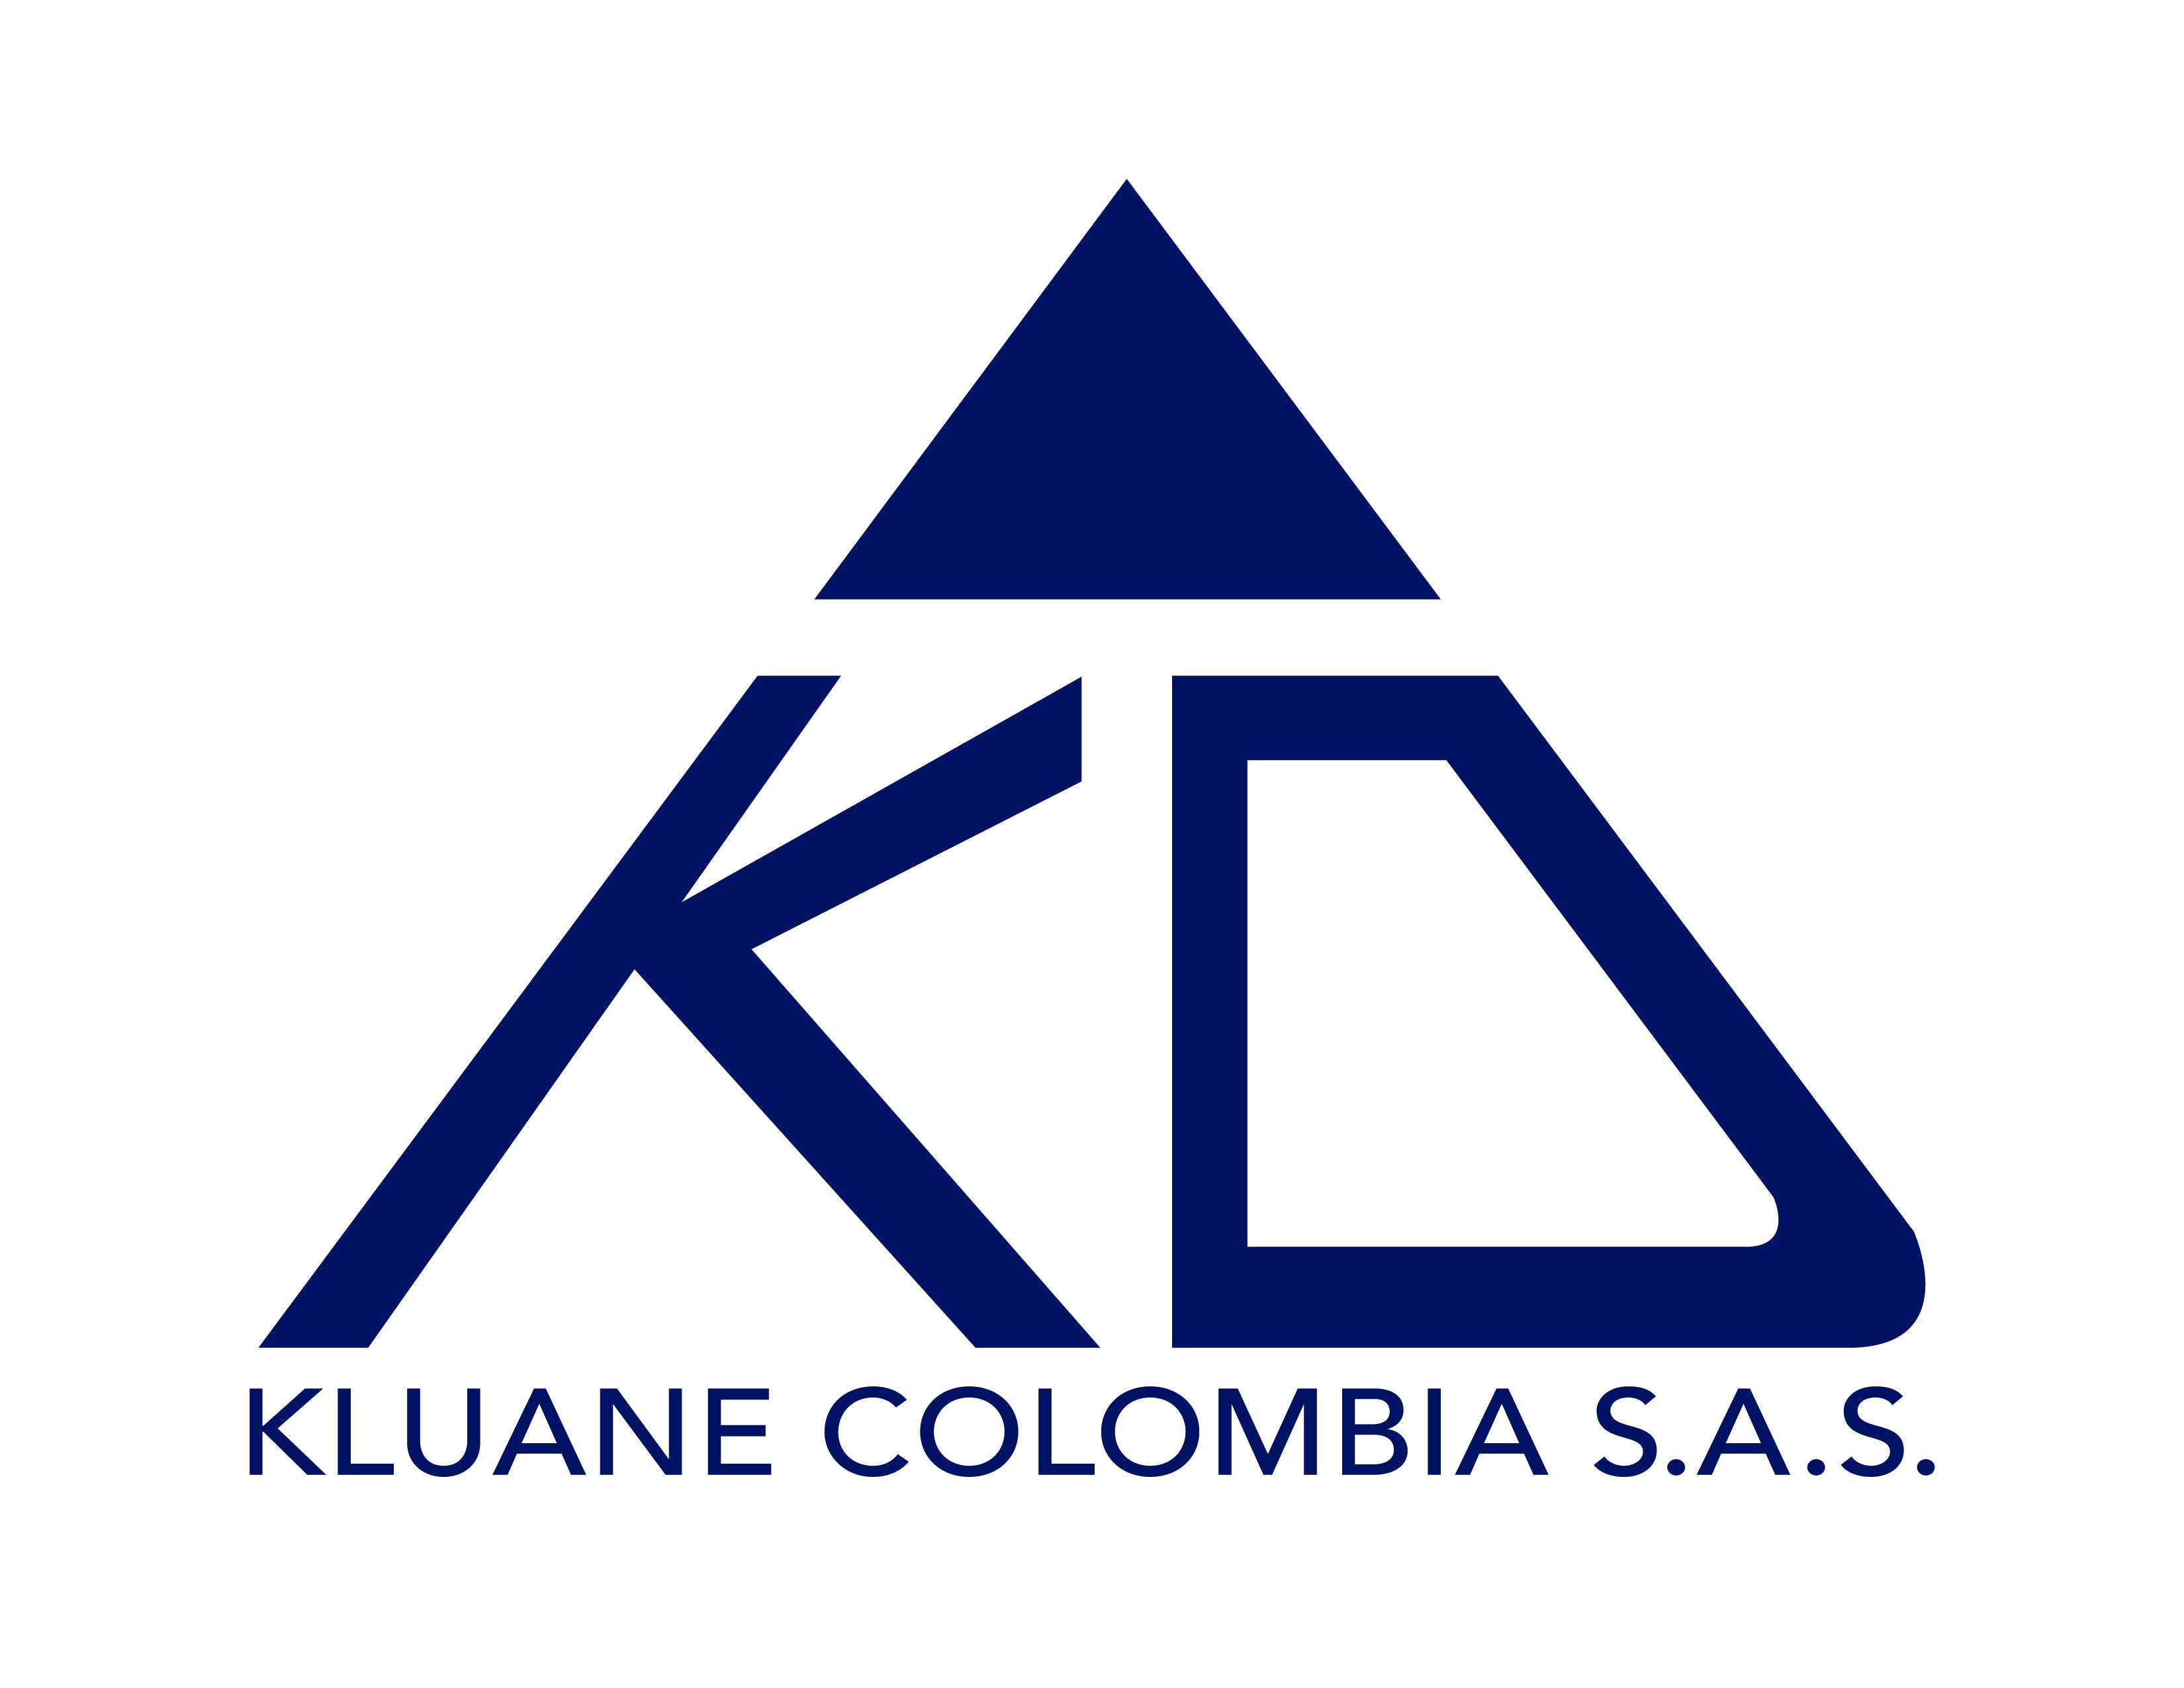 Kluane Colombia